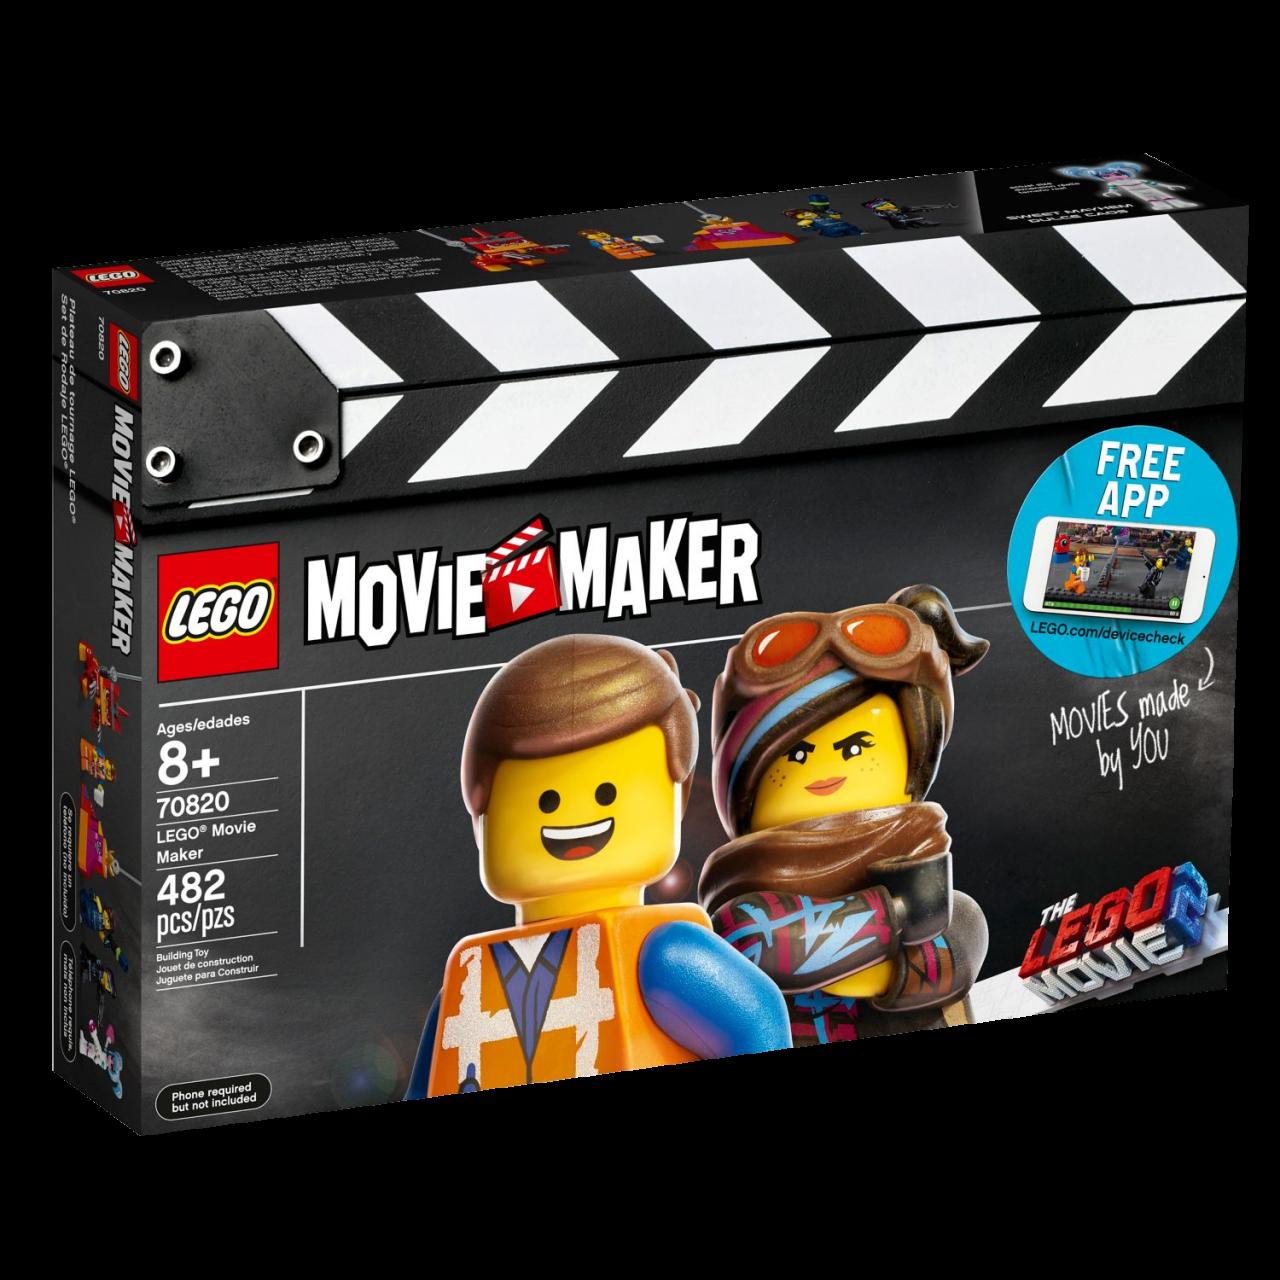 THE LEGO MOVIE 2 70820 Movie Maker